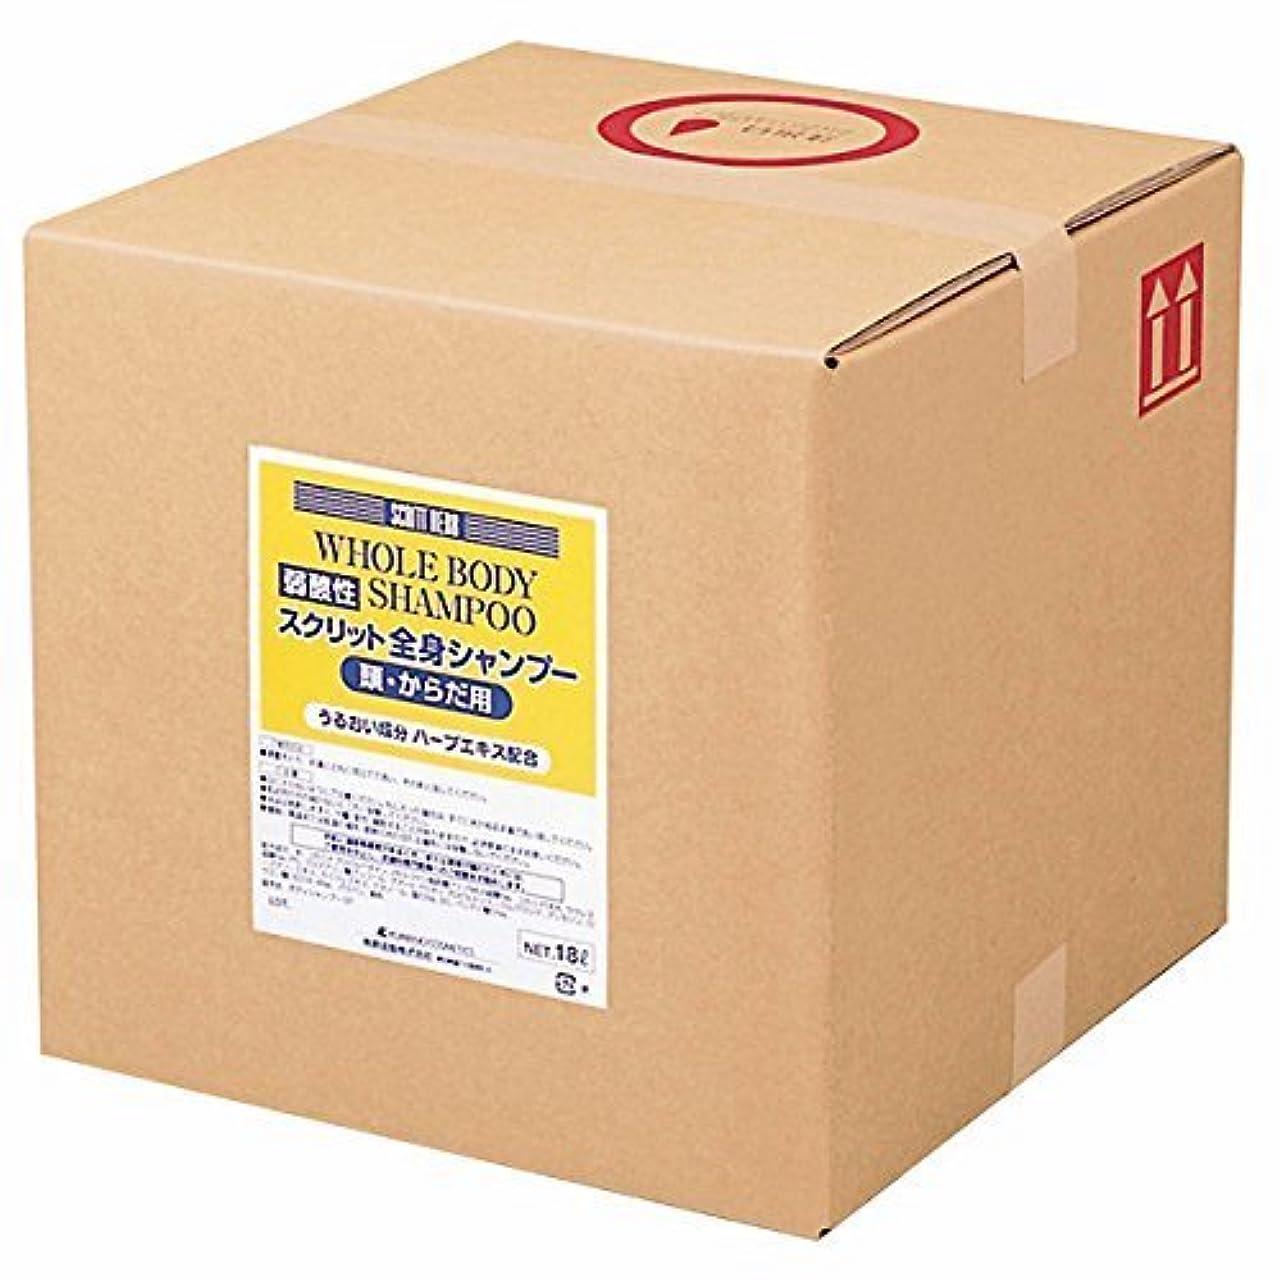 メイド食料品店トラップ業務用 SCRITT(スクリット) 全身シャンプー 18L 熊野油脂 (コック付き)